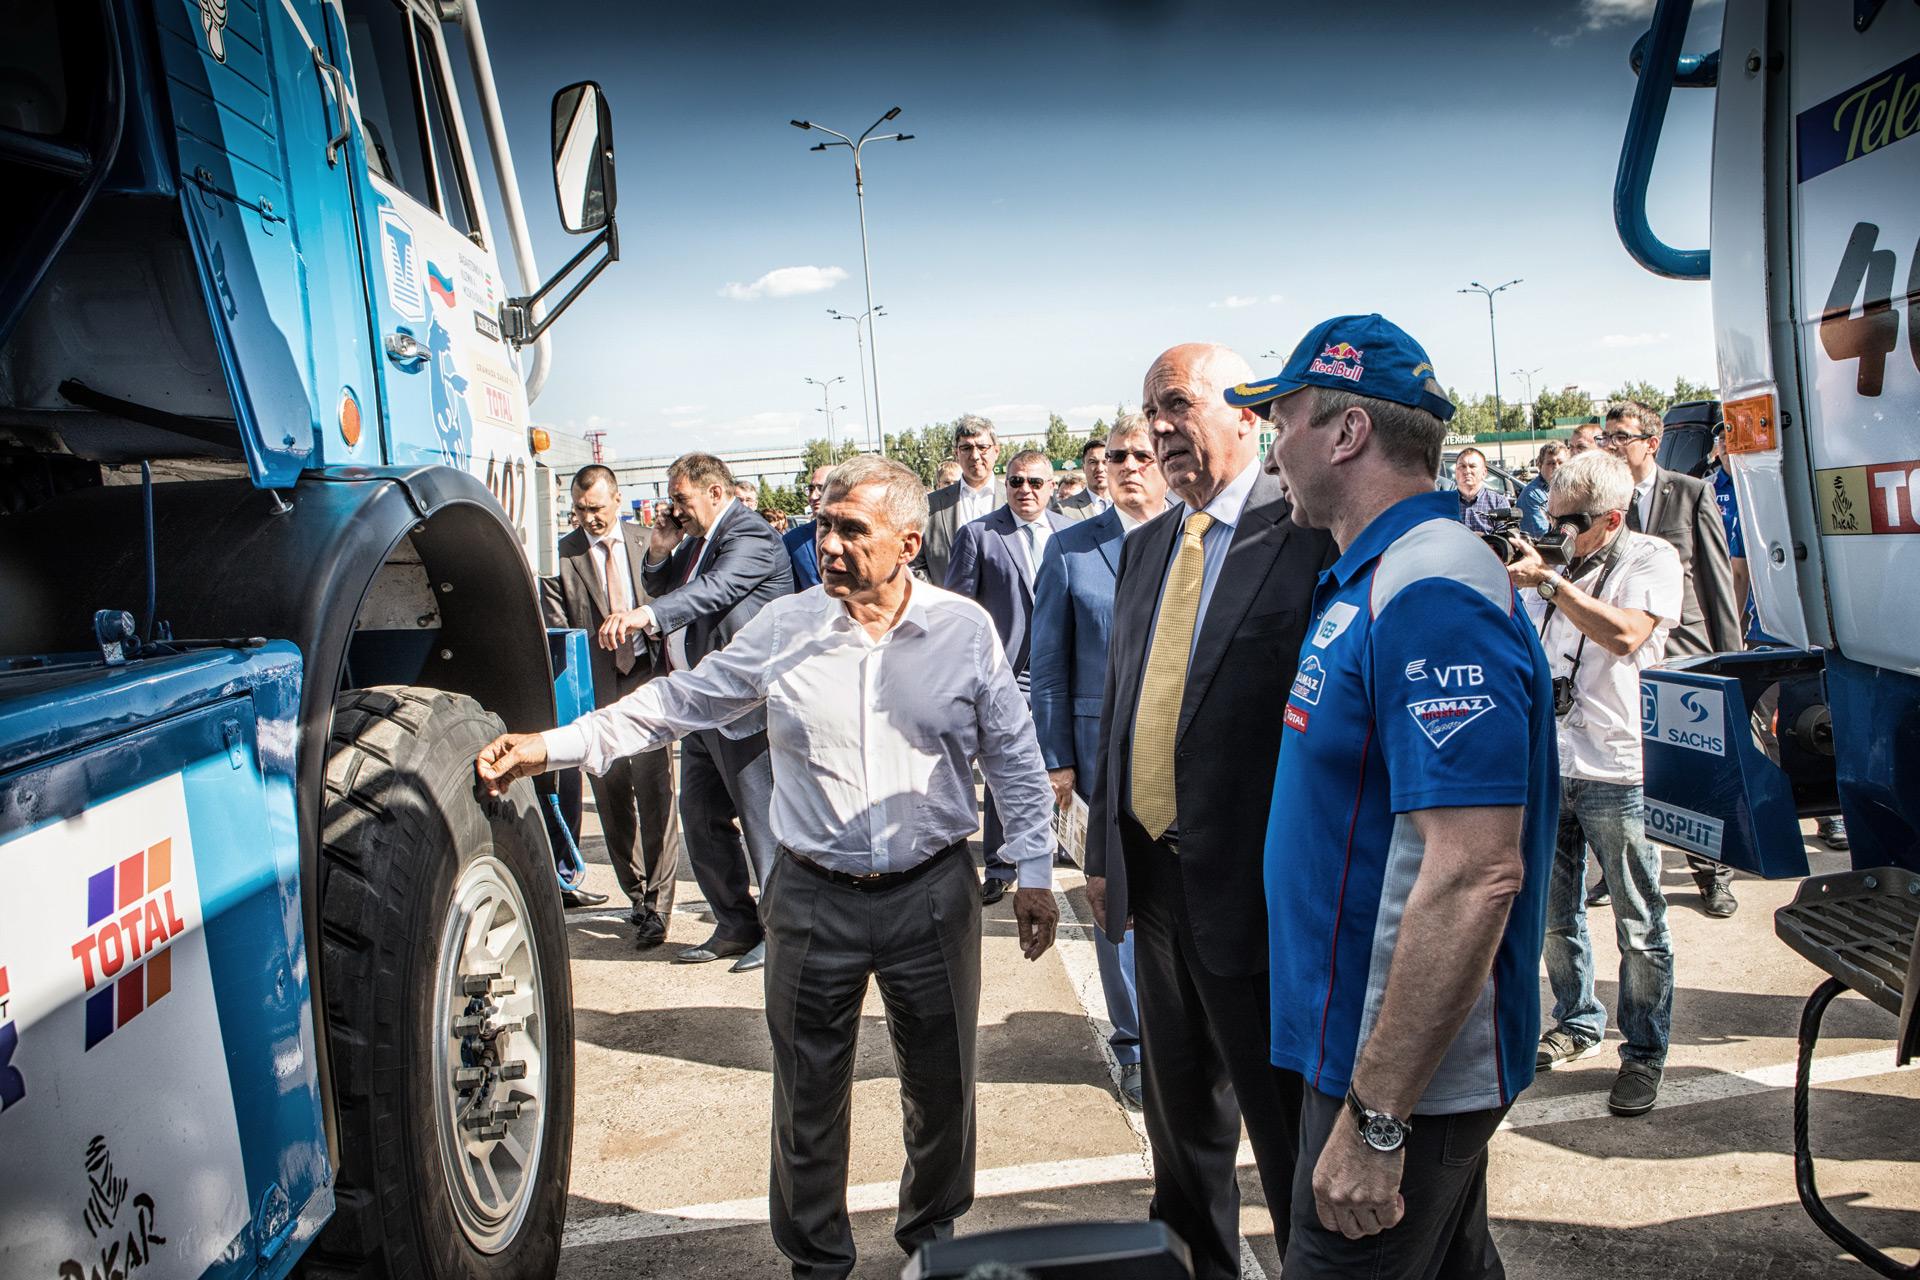 Спортивная команда «КАМАЗ-мастер» представила новый спортивный грузовик